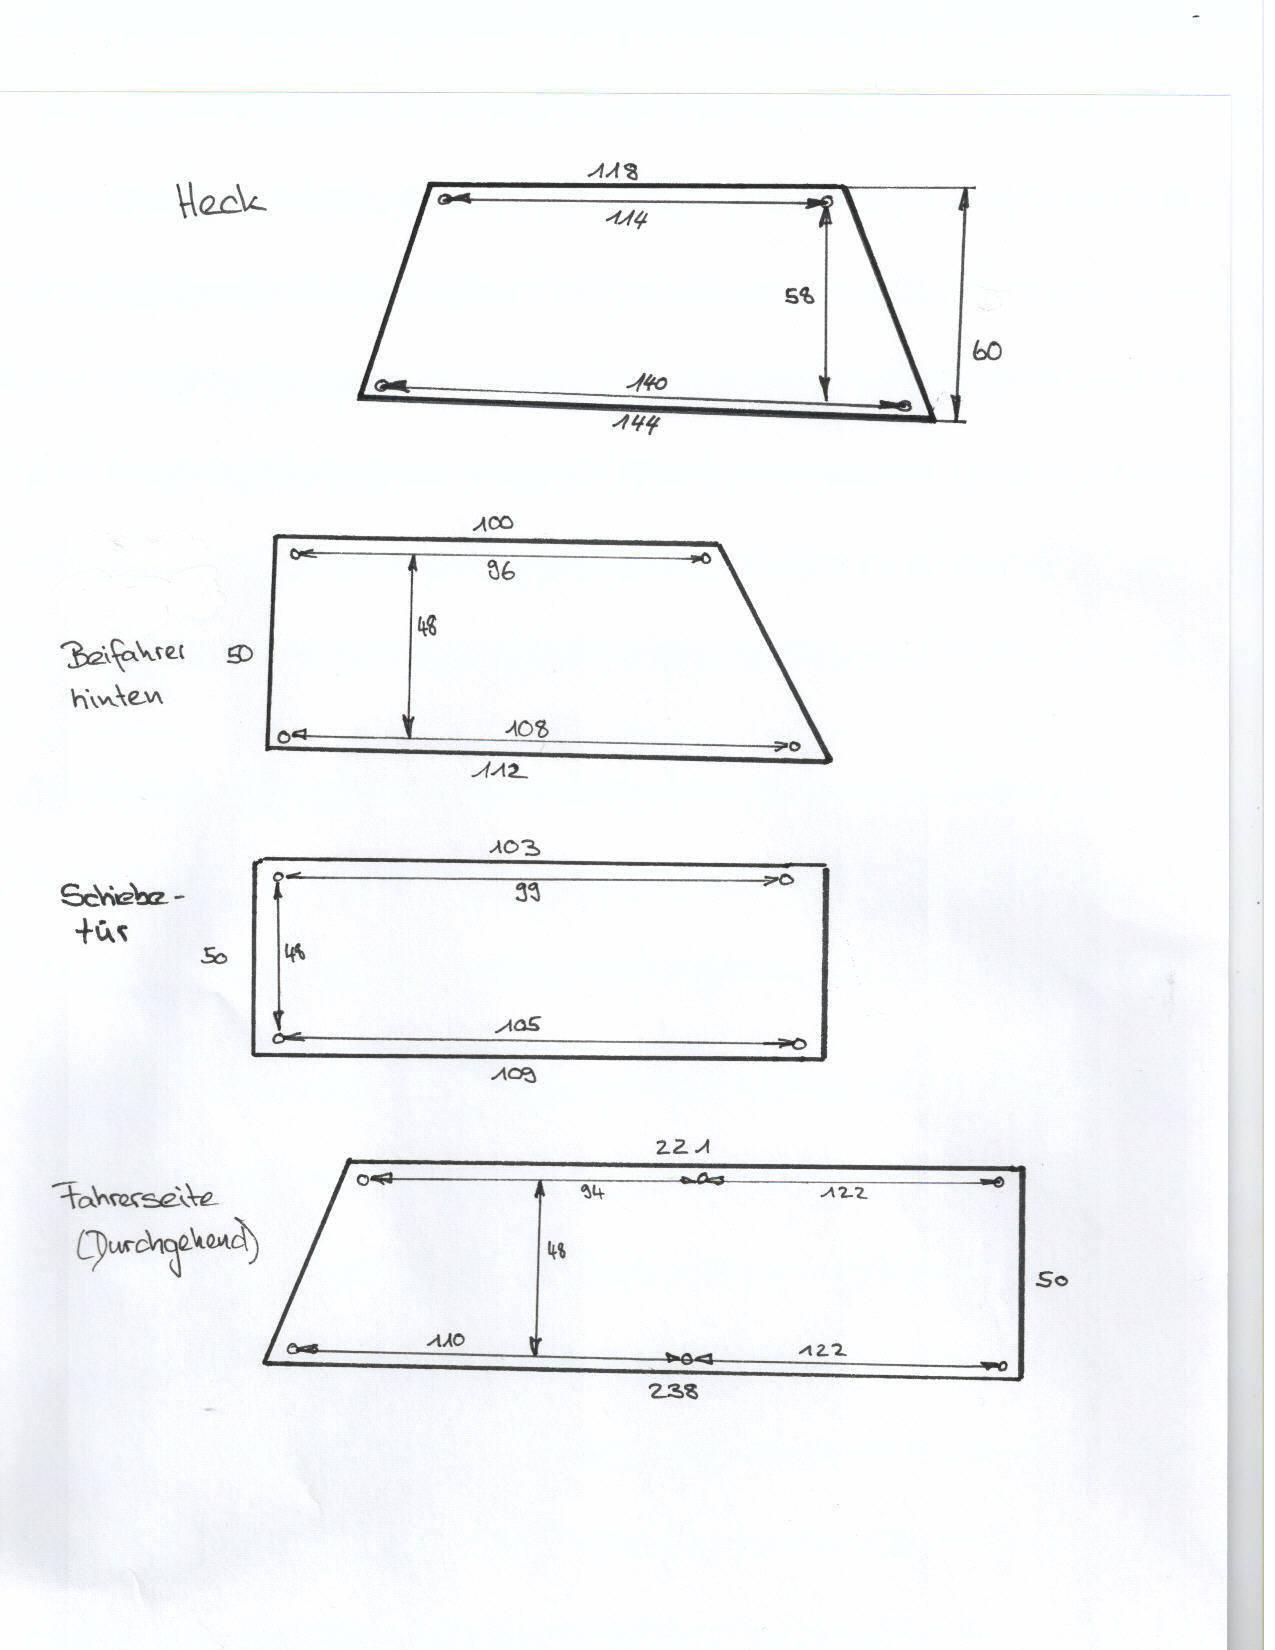 T3 Länge und Breite der Vorhänge, Gardinen   Interieur   VWBUSFORUM.CH